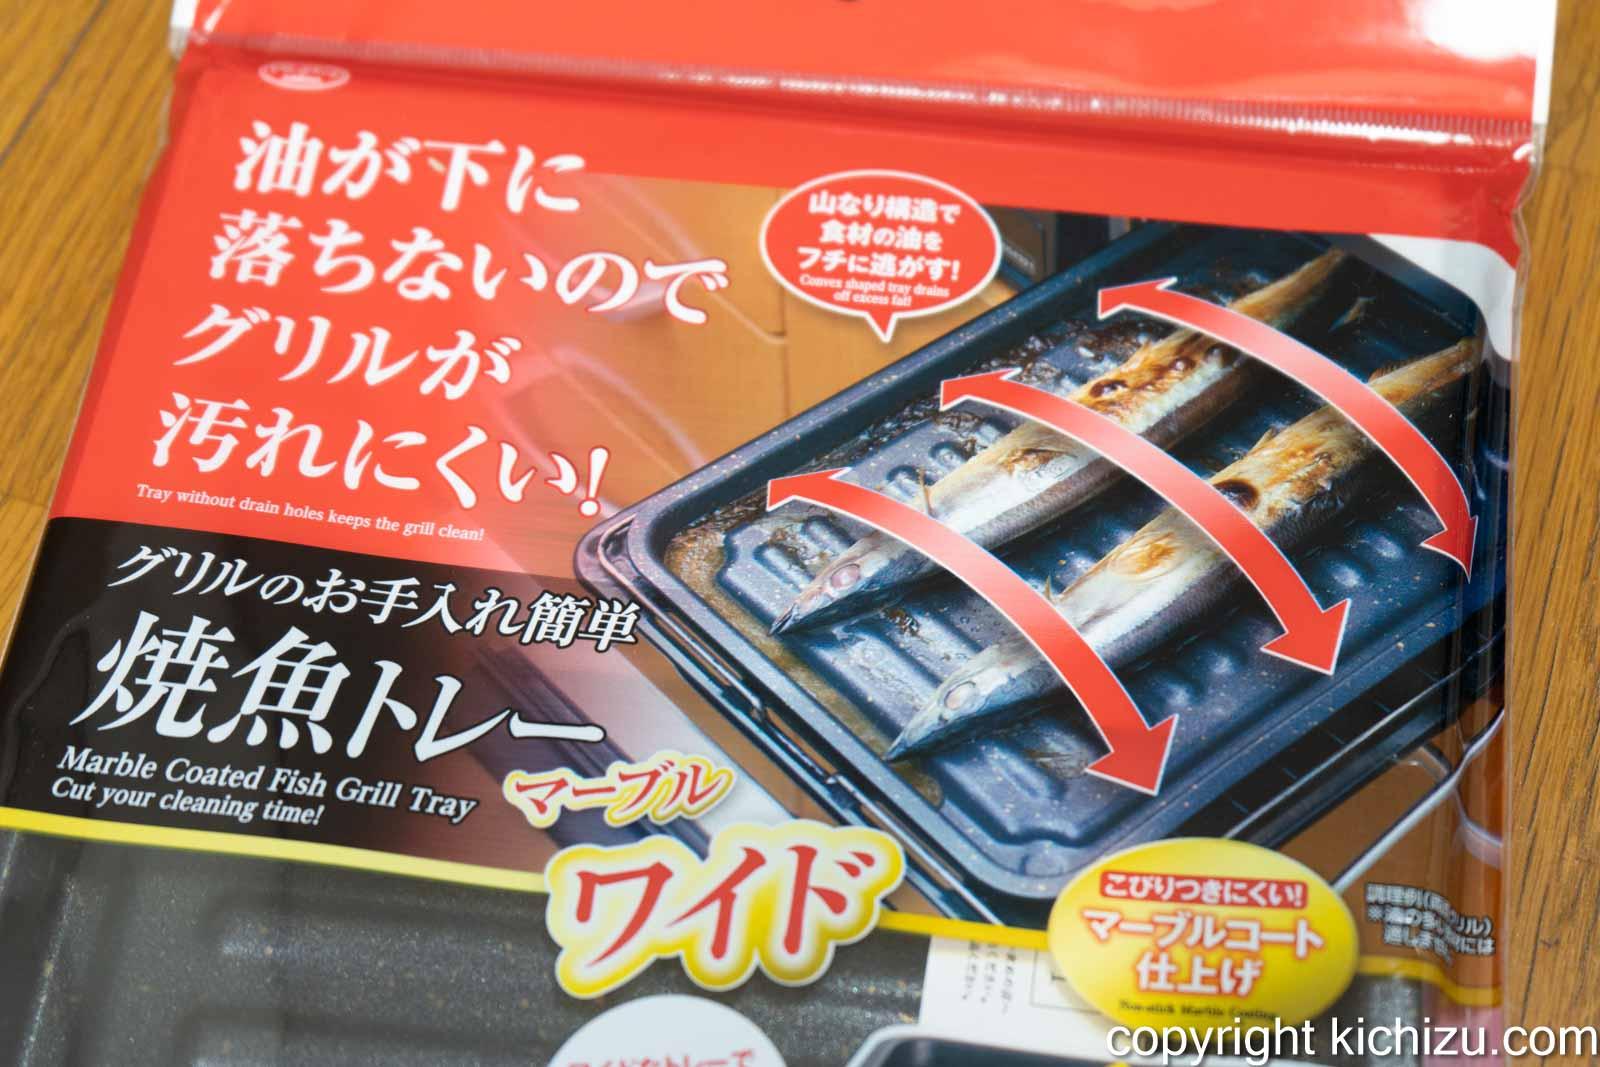 焼魚トレー マーブル パッケージ 商品特徴説明